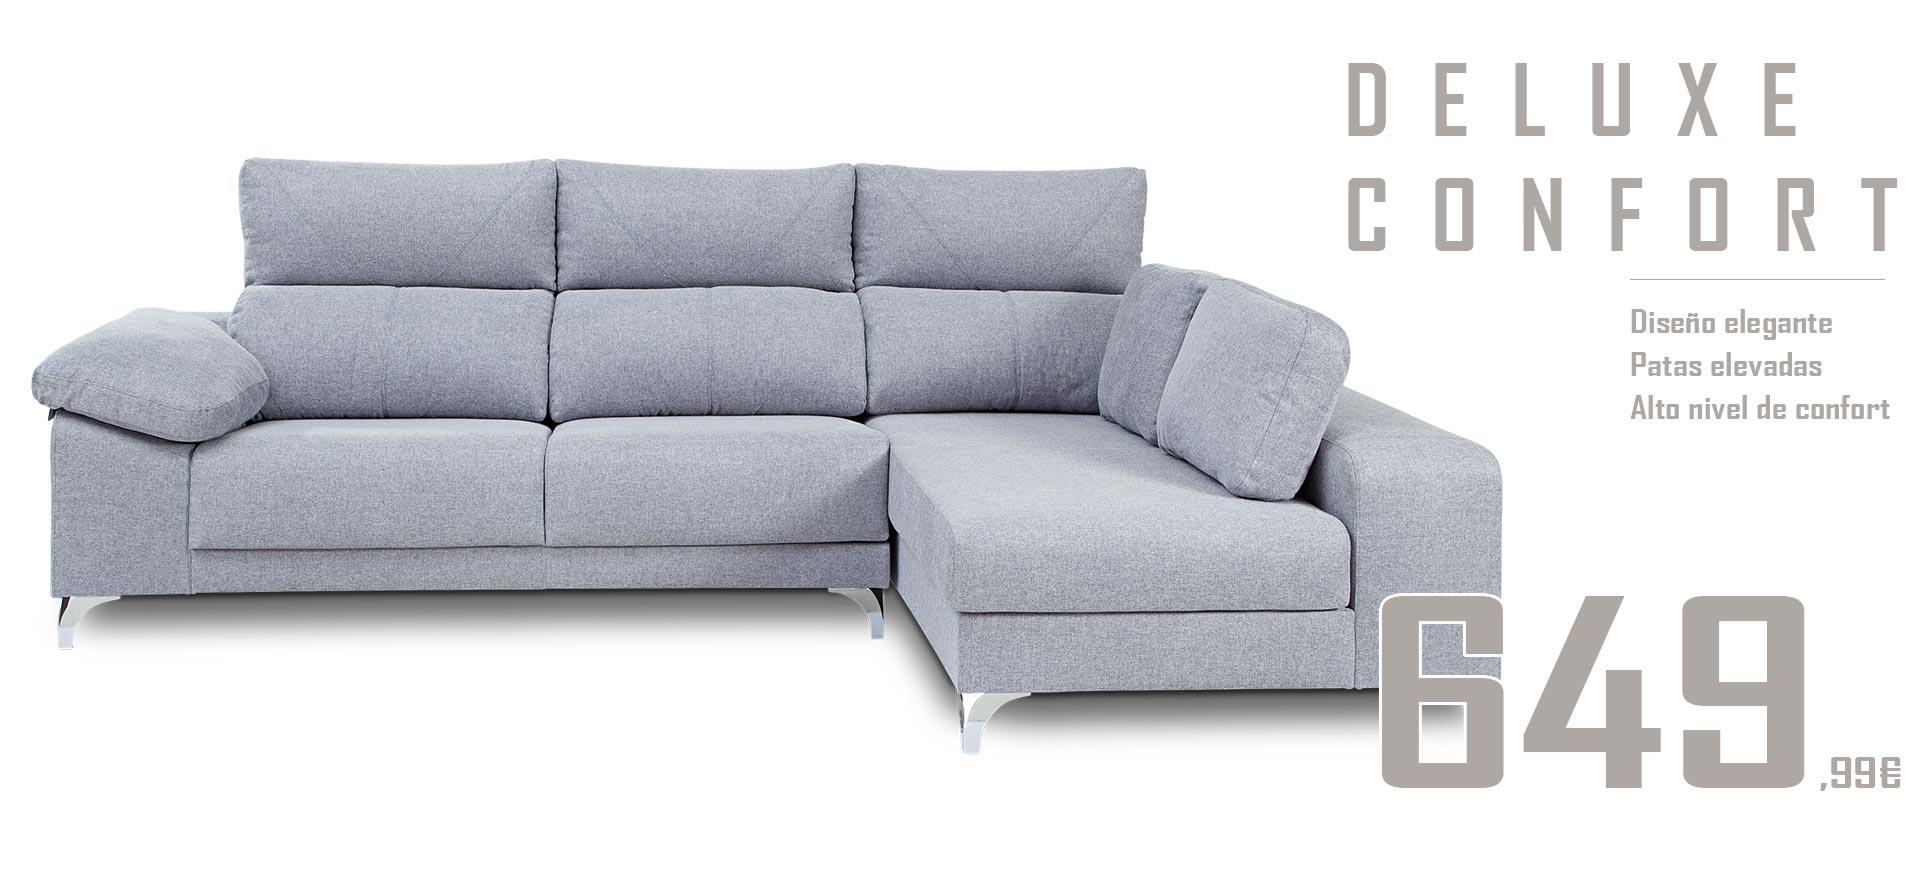 Deluxe confort